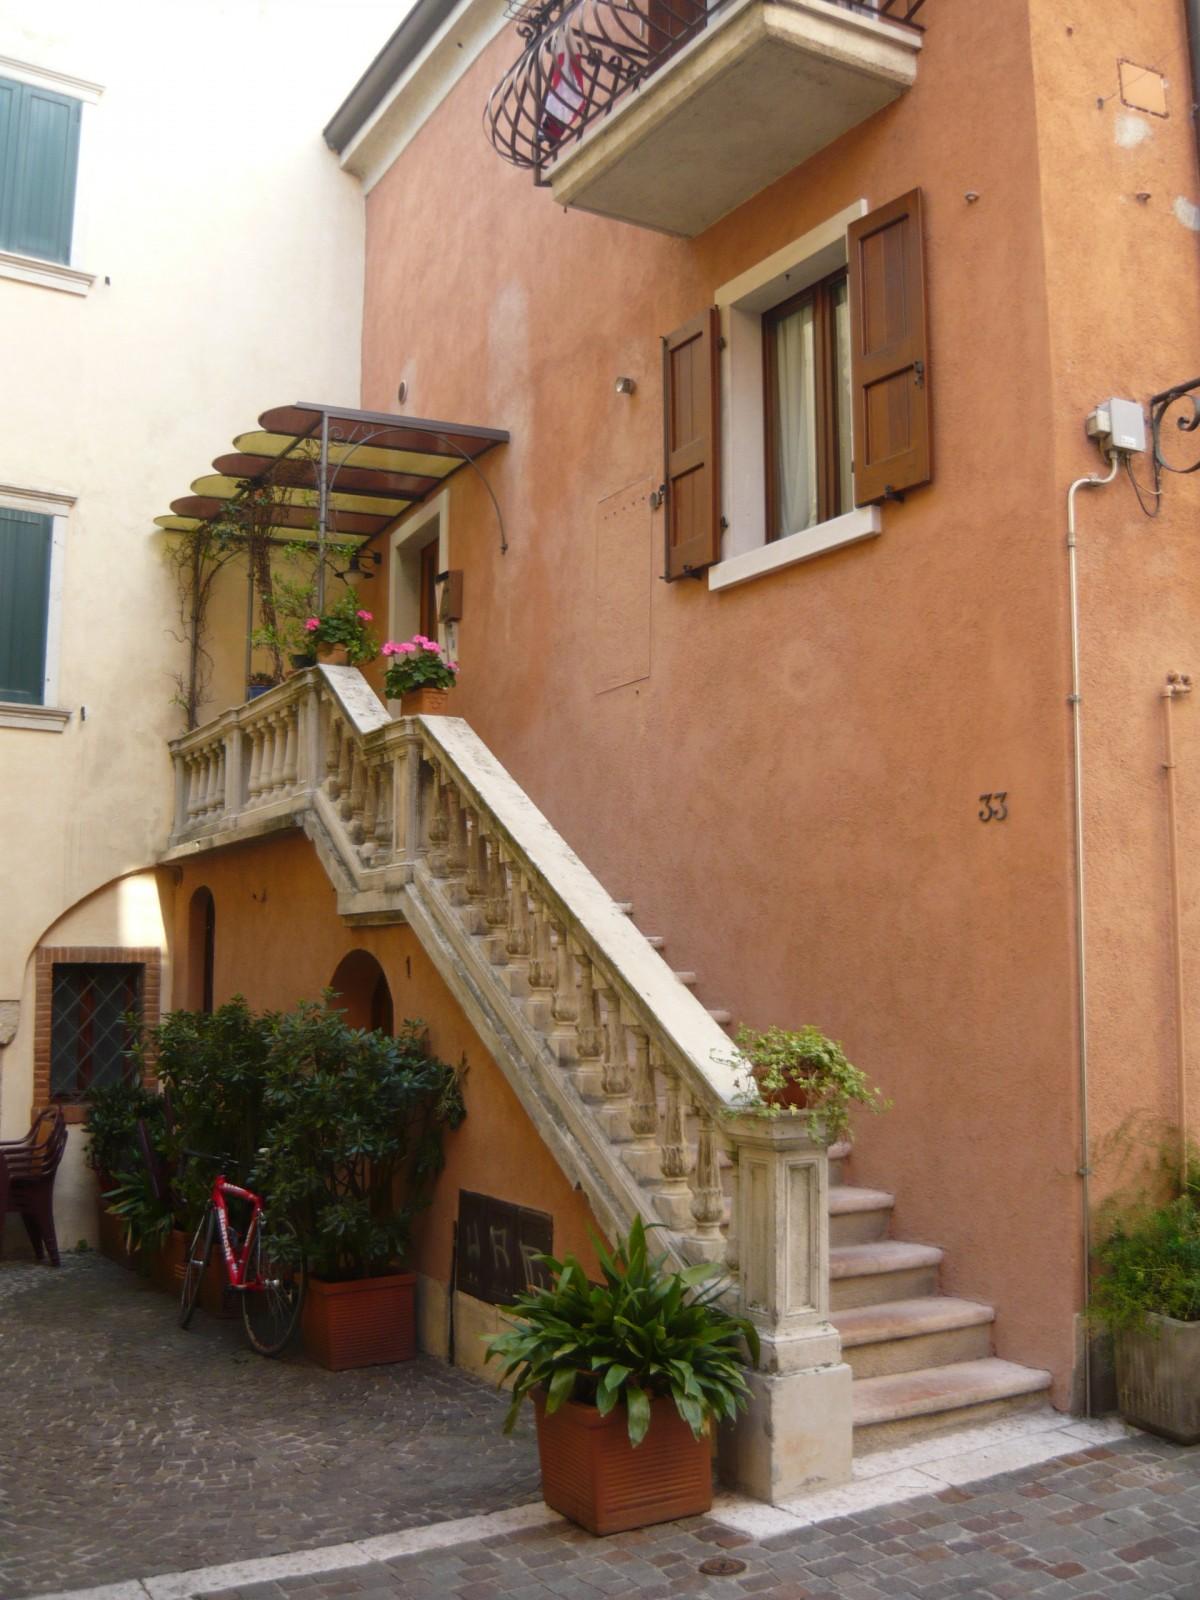 fotos gratis escalera villa casa edificio ciudad